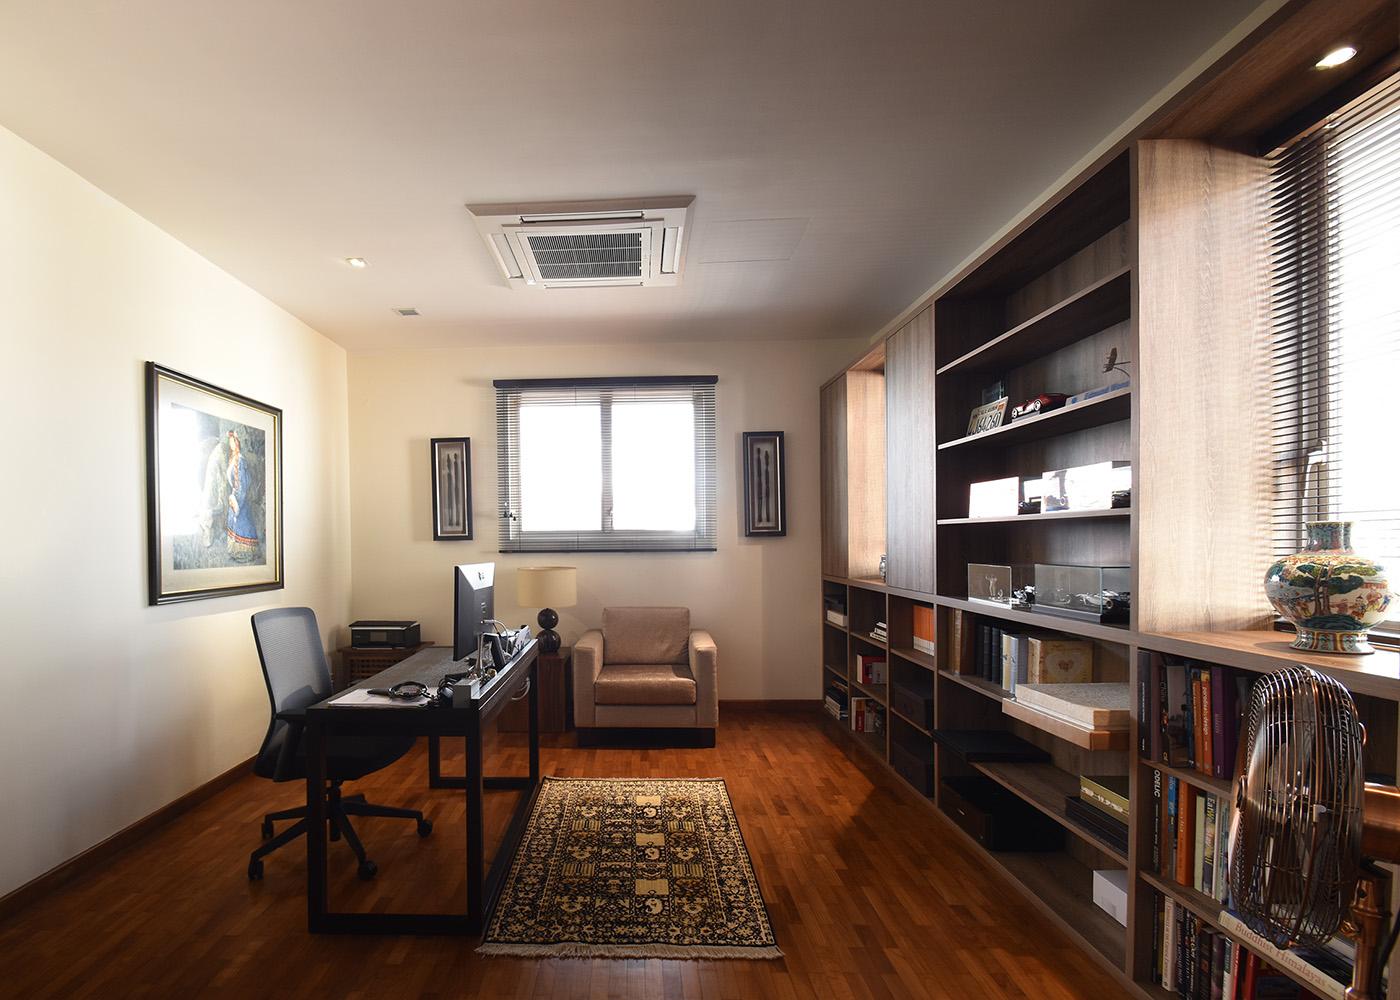 interior design for home